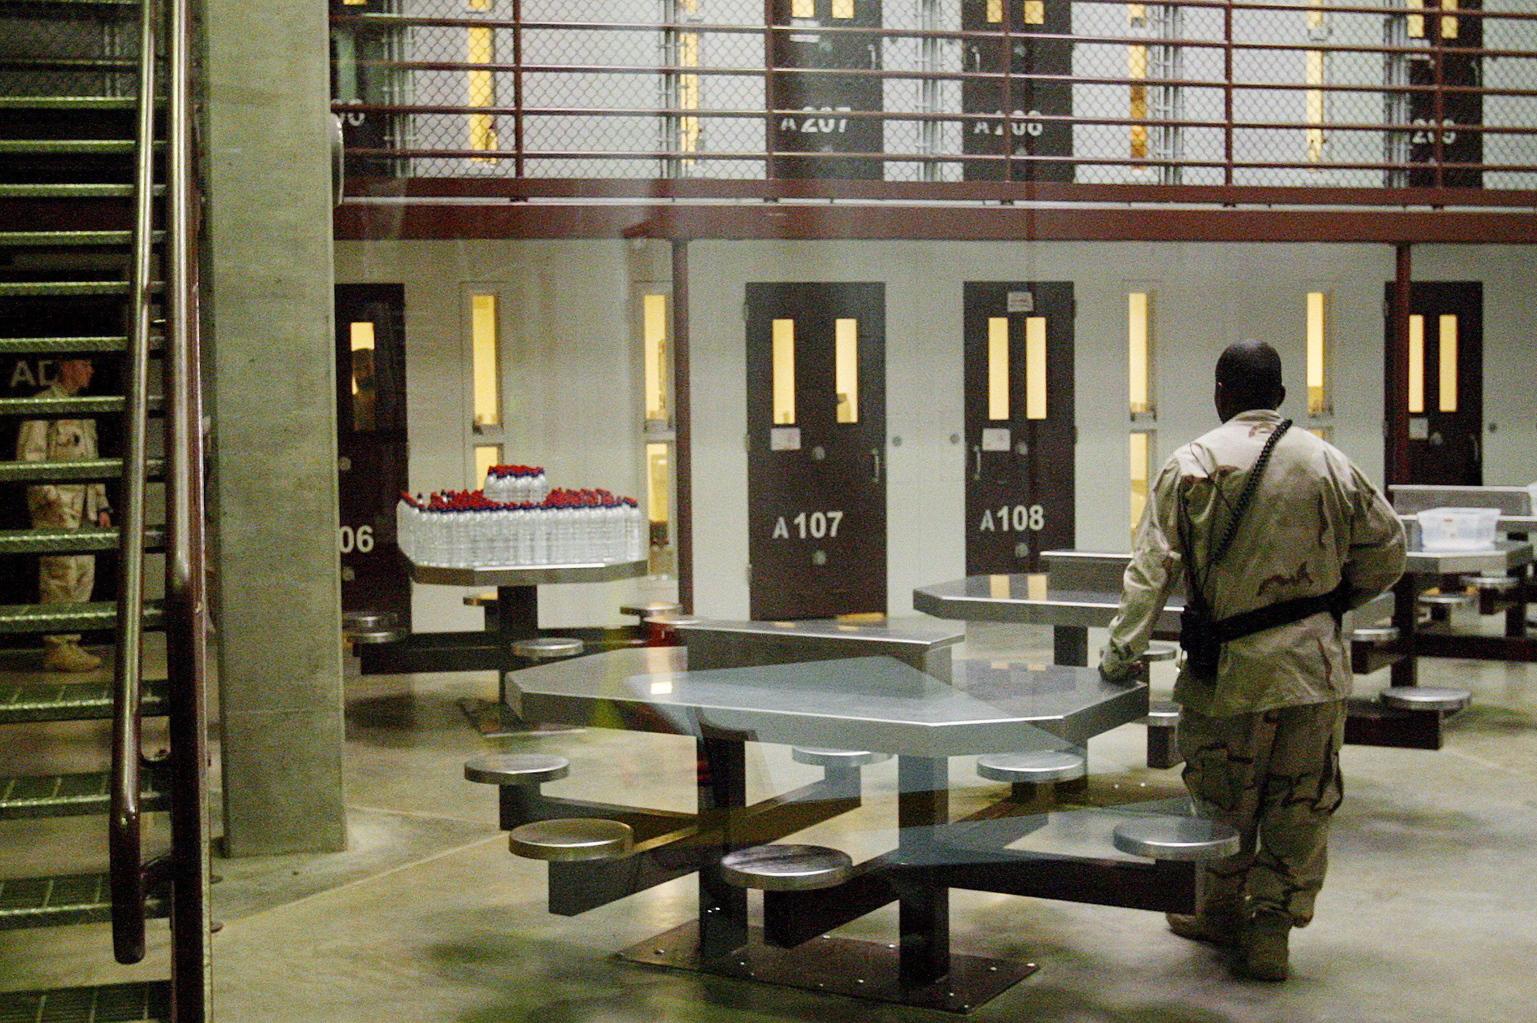 Guantánamo, 2007. október 12. Az amerikai hadvezetés által cenzúrázott képen egy amerikai katona áll őrt a zárkák előtti helyiségben a kubai Guantánamói-öbölben lévő amerikai haditengerészeti támaszponton létesített fogolytábor legszigorúbban őrzött, 6-os szekciójában. Jelenleg 340 terrorizmussal vádolt személyt őriznek a fogolytáborban. (MTI/EPA/SHAWN THEW)